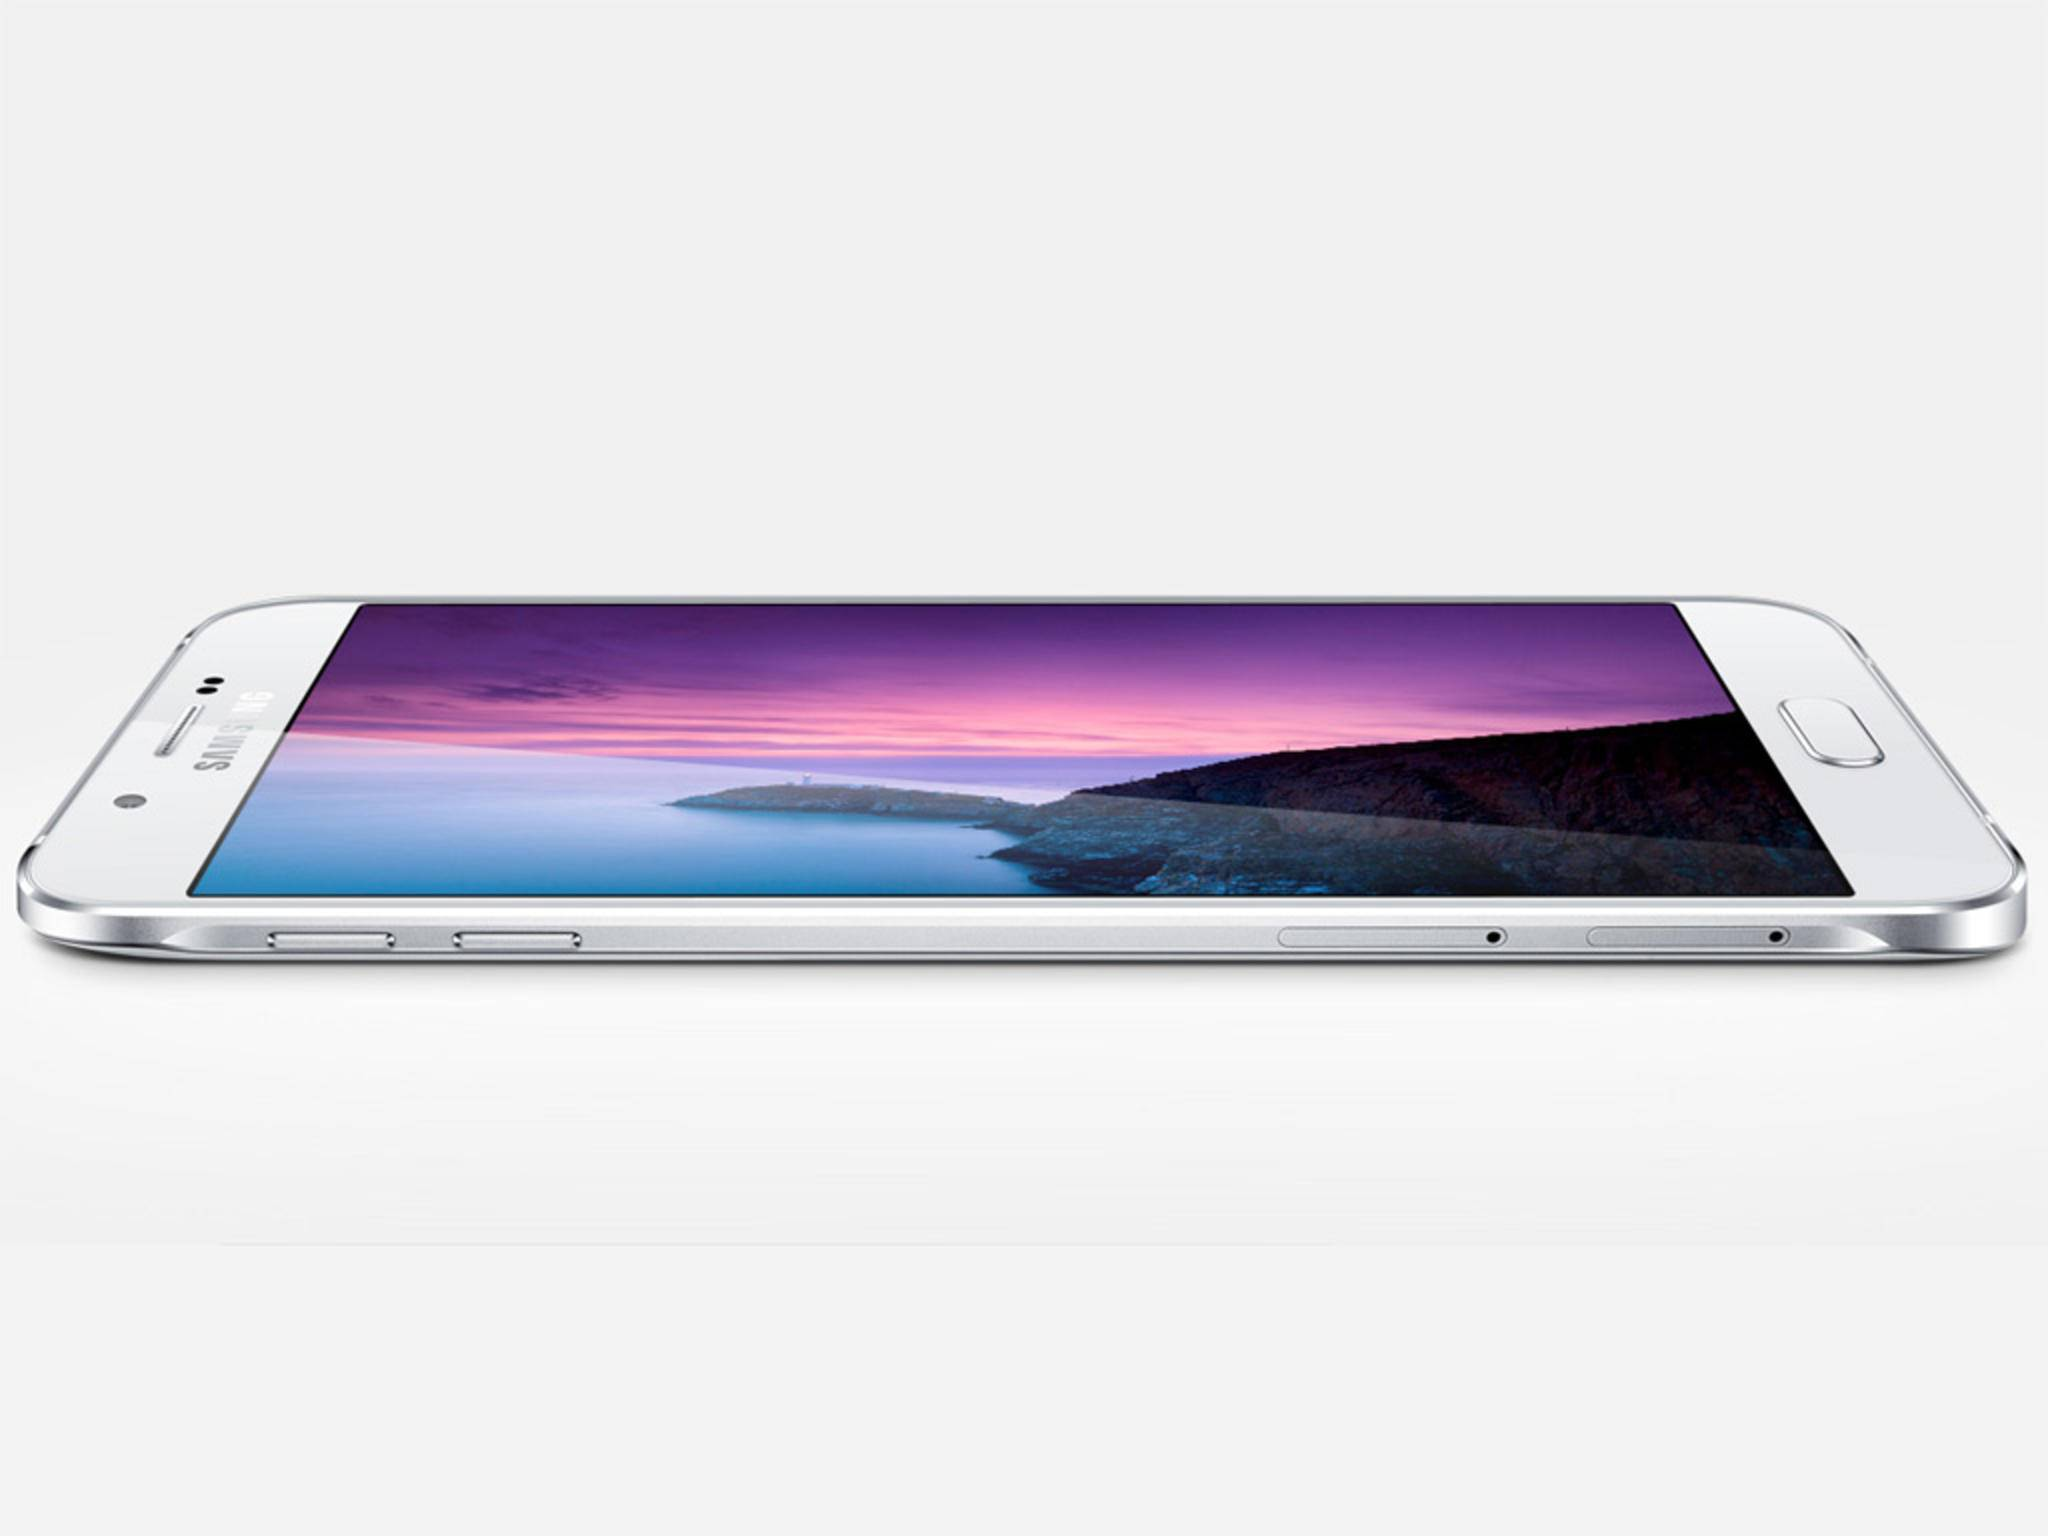 Das Samsung Galaxy A8 hat eine Bautiefe von lediglich 5,9 Millimeter.